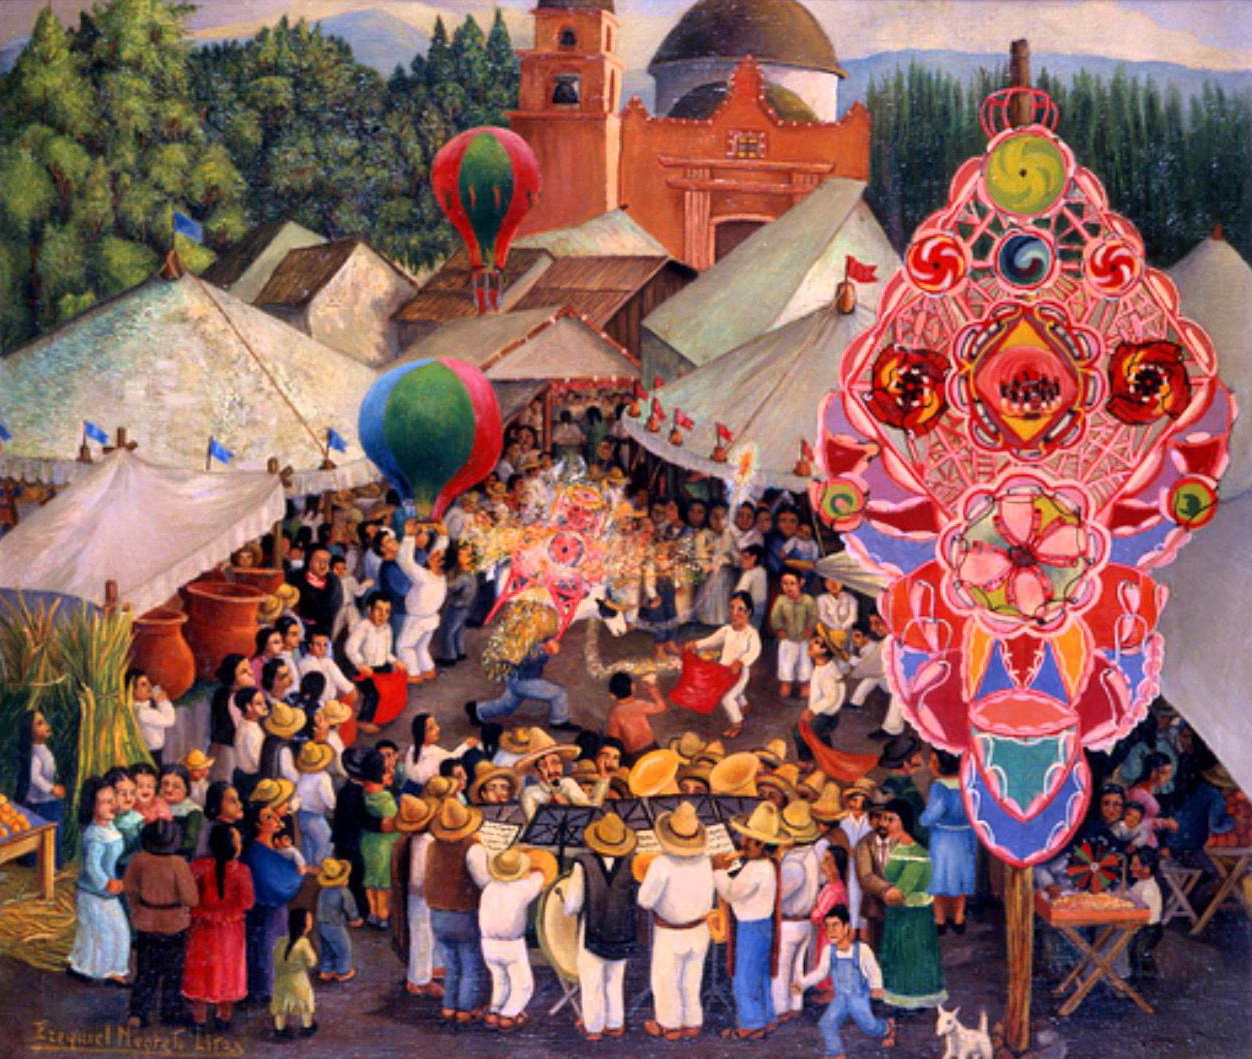 Feria de San Juan por Ezequiel Negrete Lira